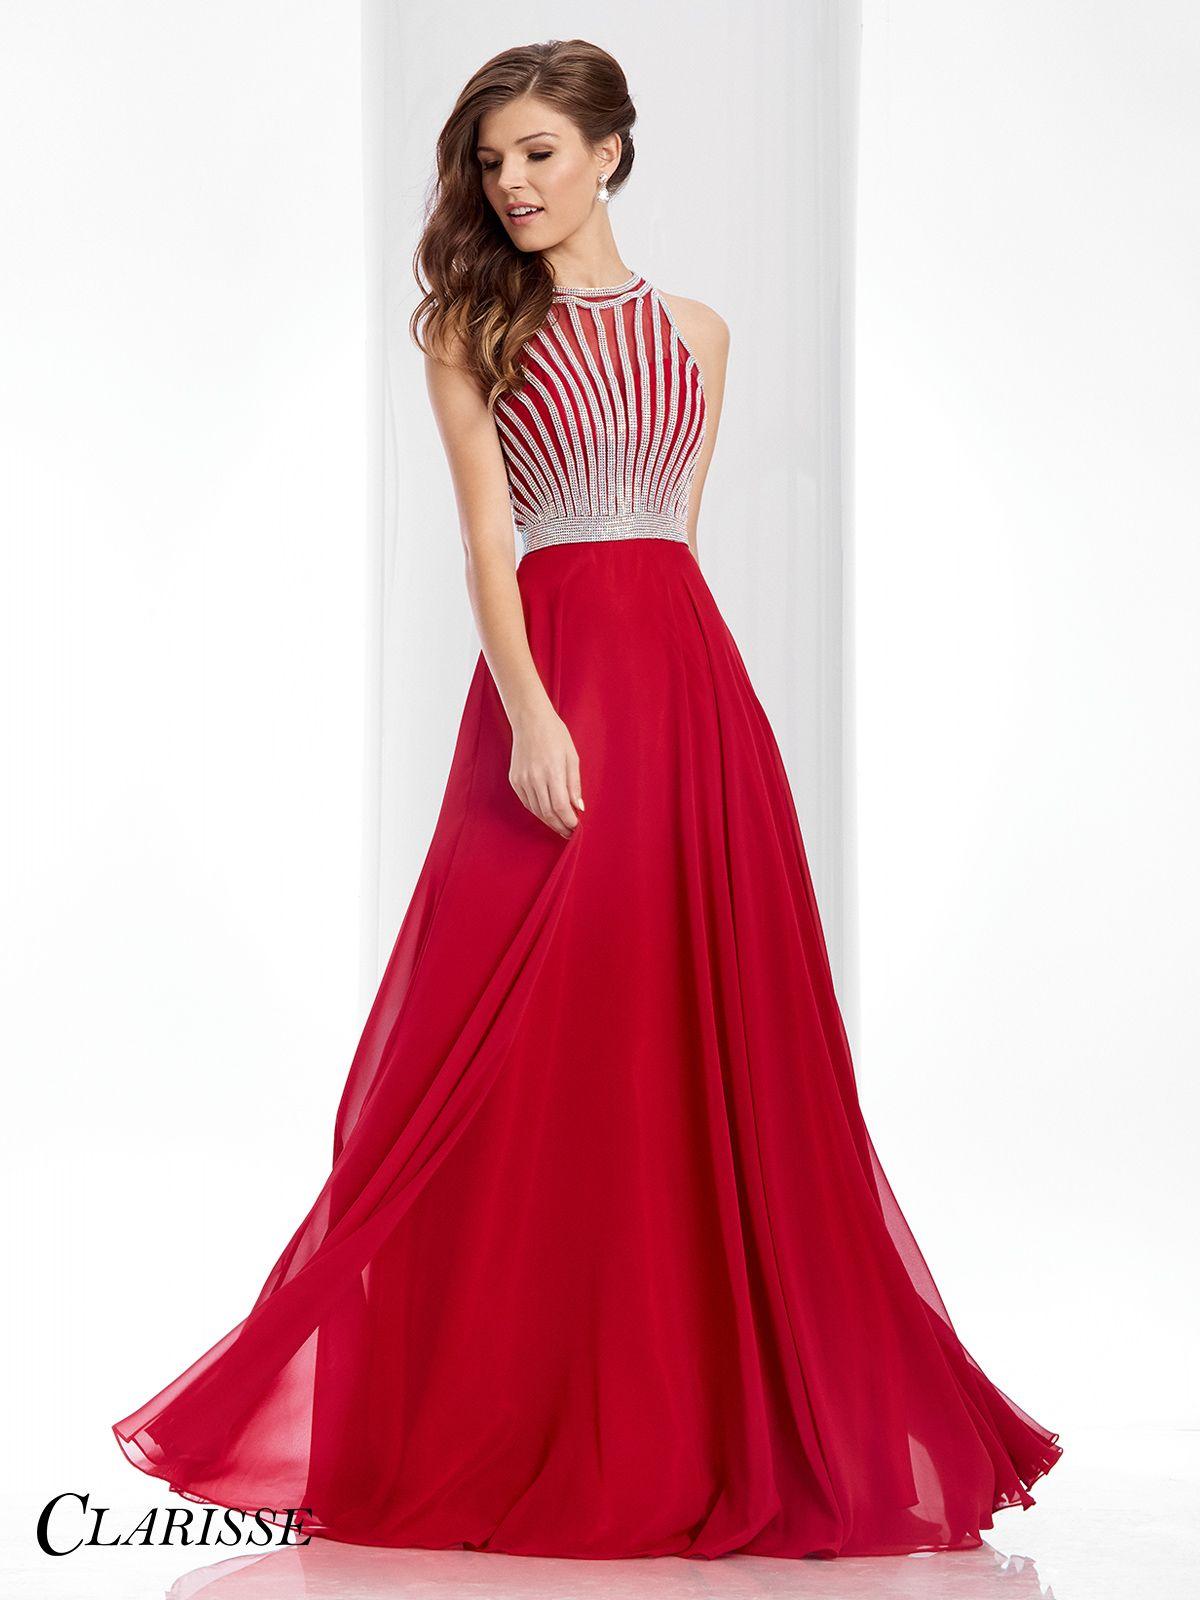 Sparkling A-line Prom Dress 3068 | 6 Colors | Pastel mint, Blush ...